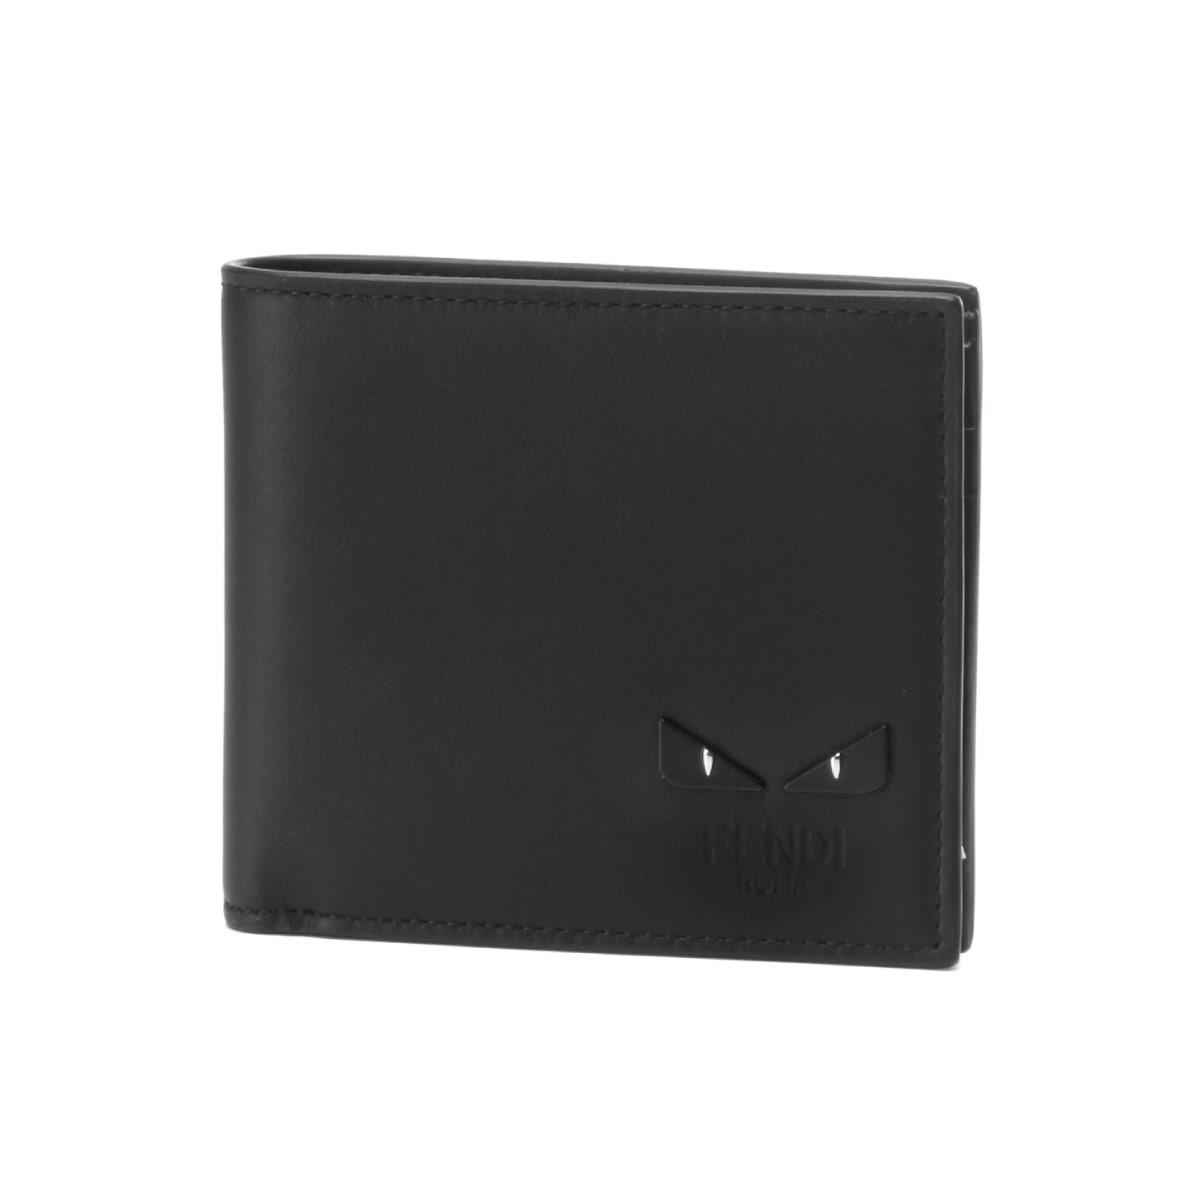 フェンディ FENDI 財布 メンズ 7M0169 6OC F0GXN 二つ折り財布 NERO+PALLADIO ブラック